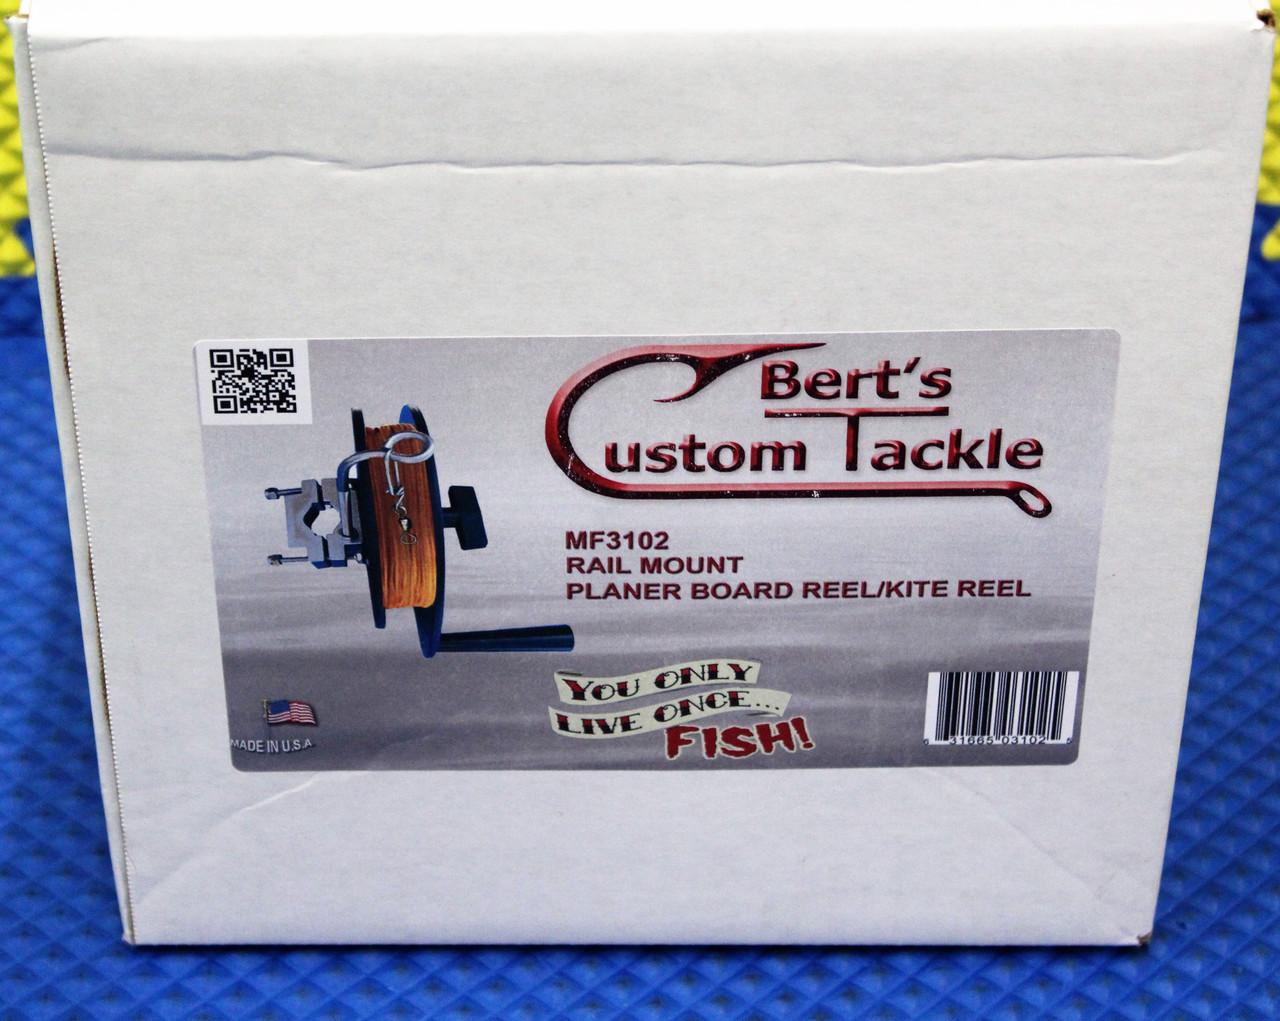 Berts Custom Tackle Rail Mount Reel